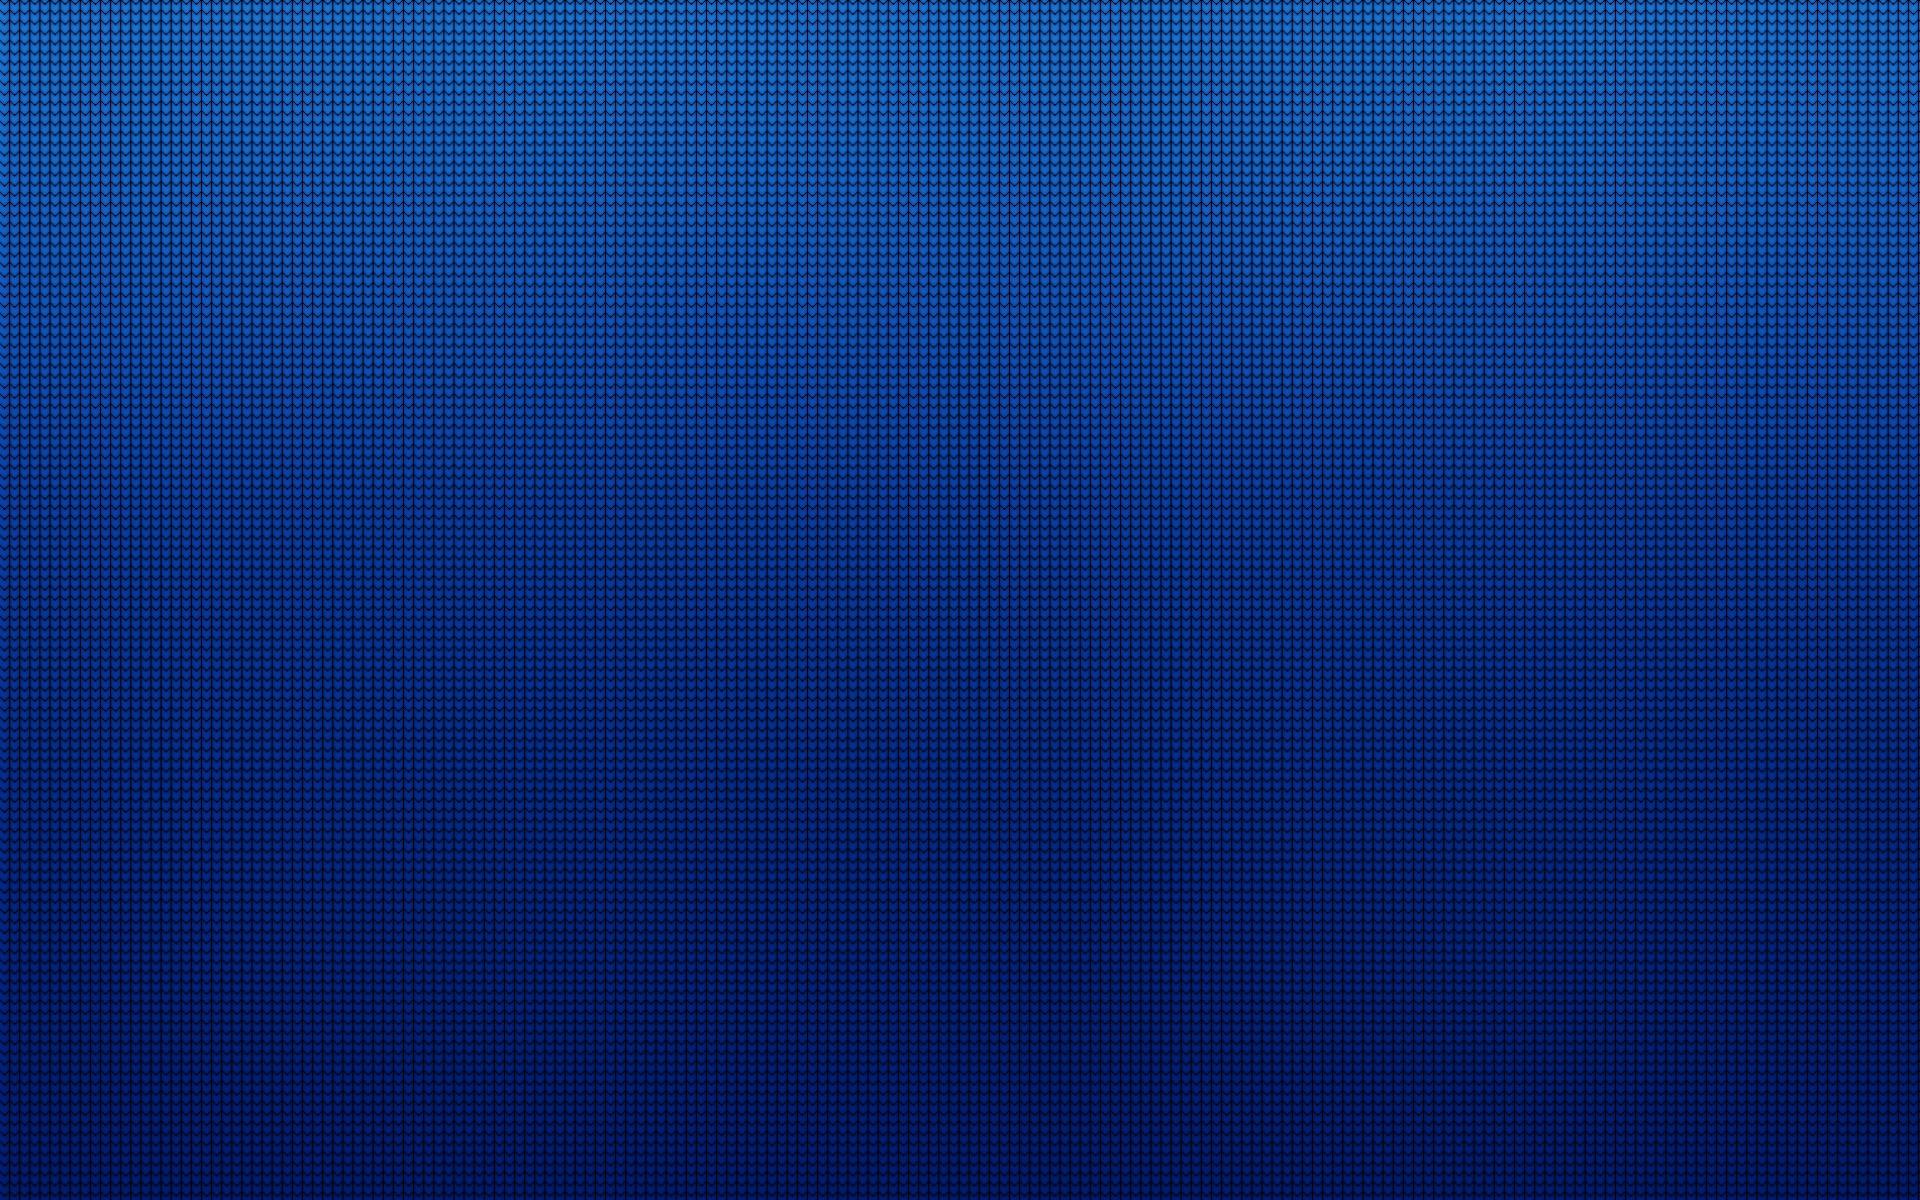 линии синие текстуры загрузить